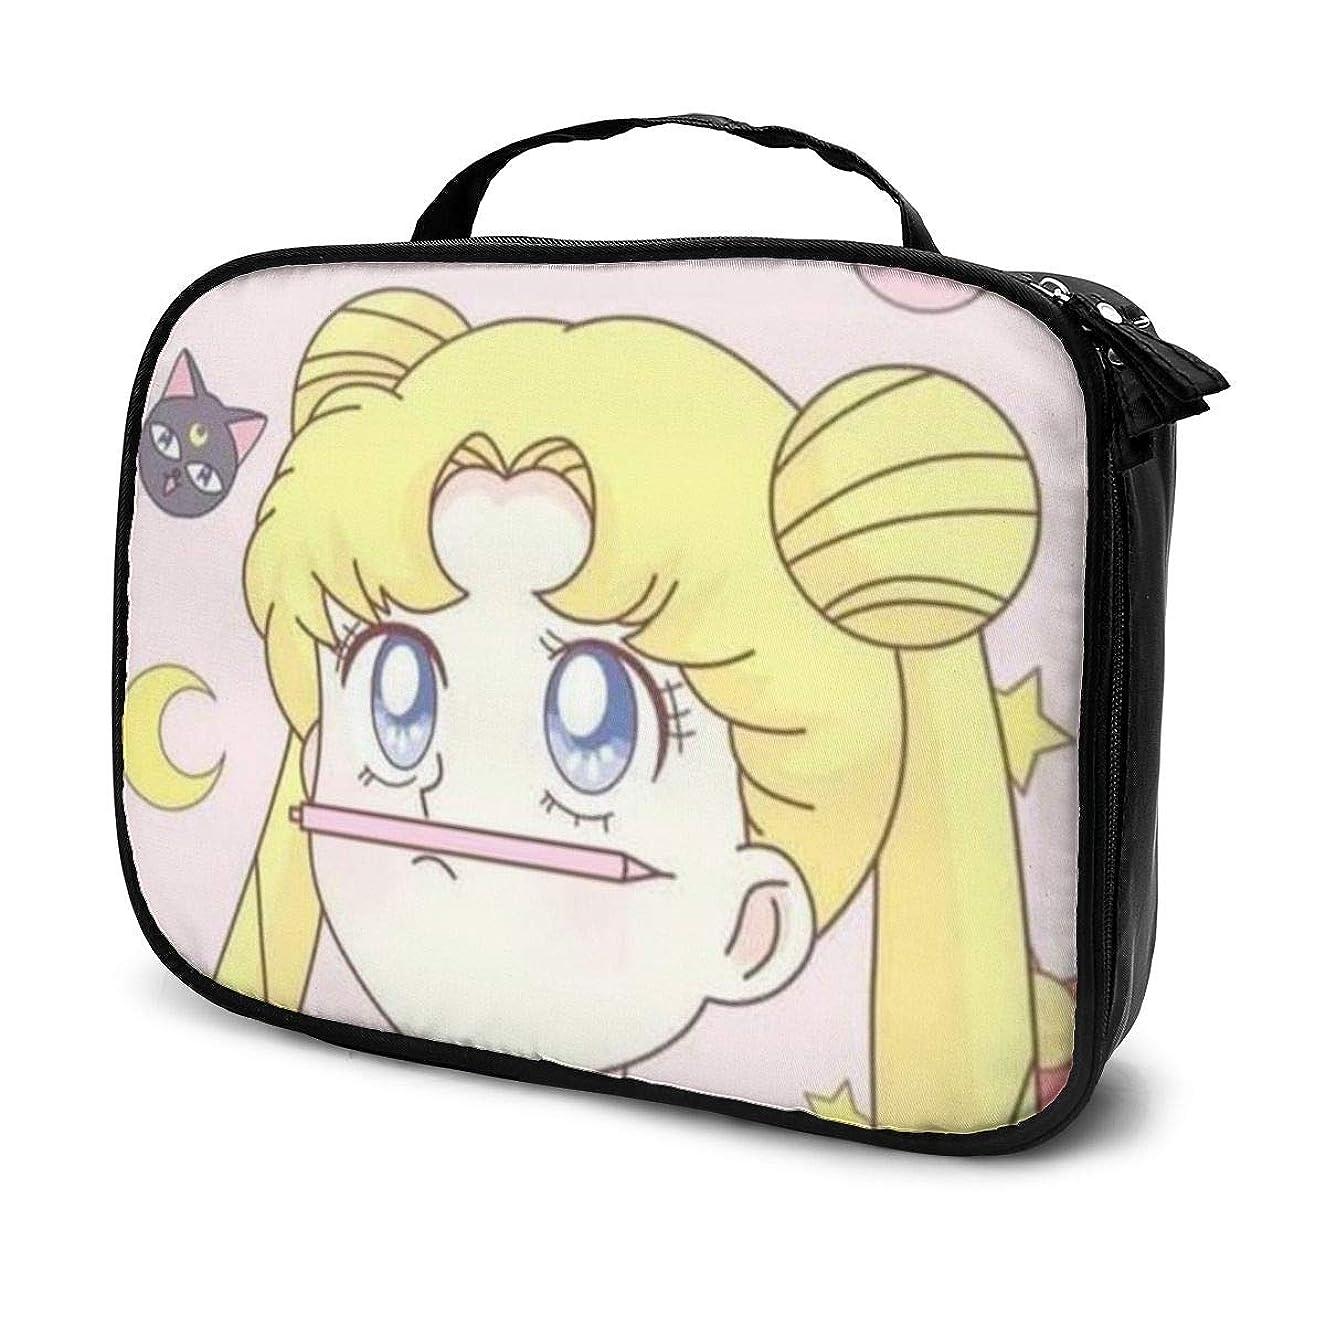 安定ファンシー小さいDaituかわいいセーラームーン 化粧品袋の女性旅行バッグ収納大容量防水アクセサリー旅行